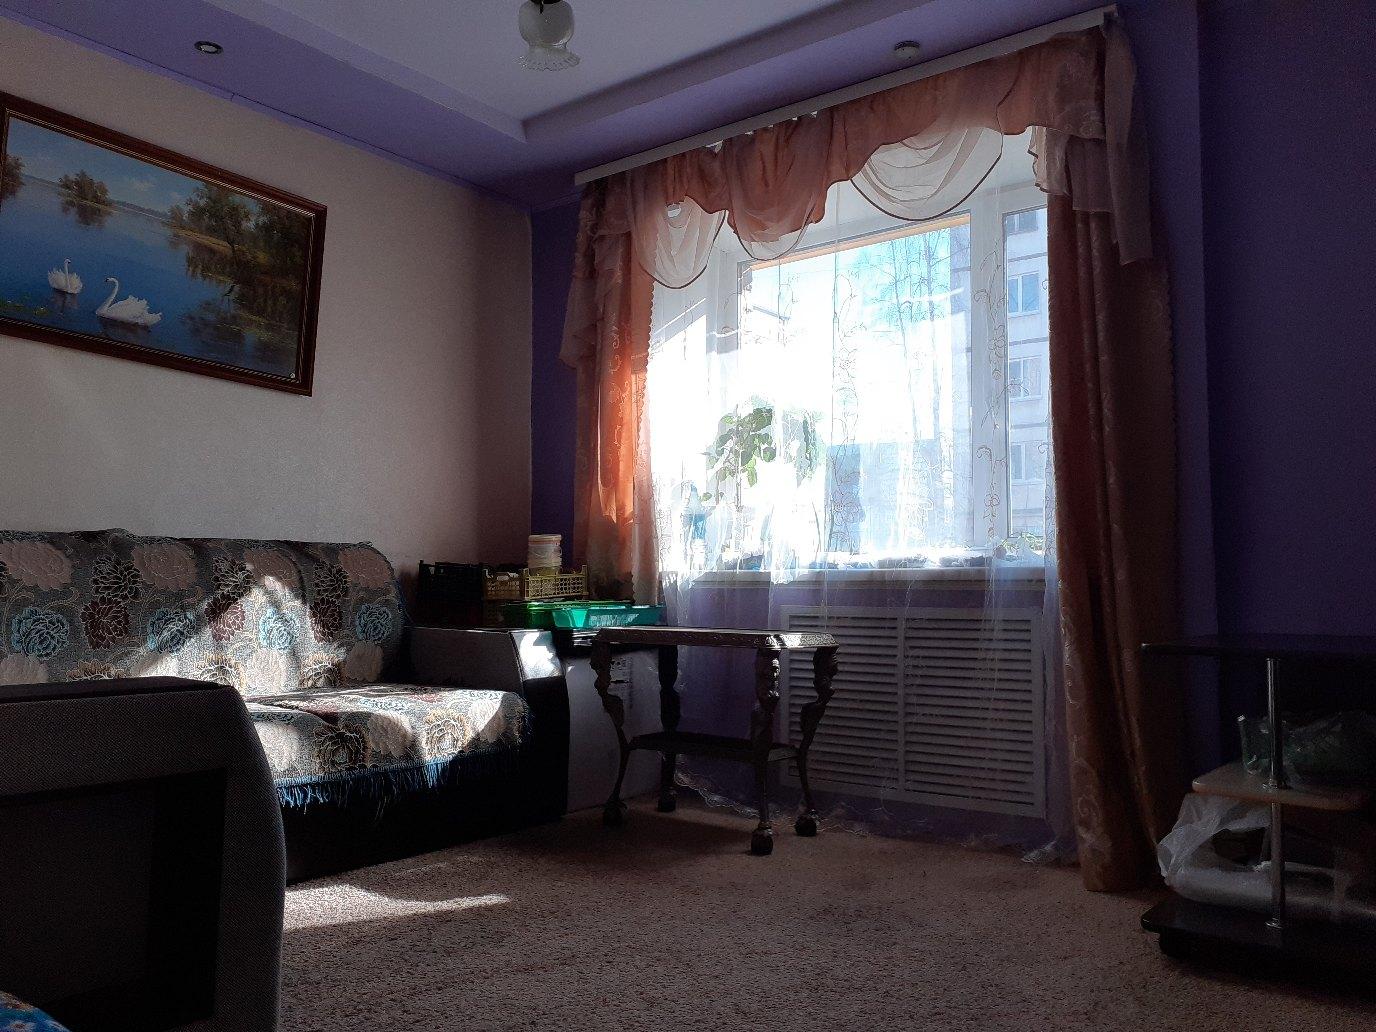 Квартира на продажу по адресу Россия, Вологодская область, городской округ Вологда, Вологда, улица Преображенского, 45